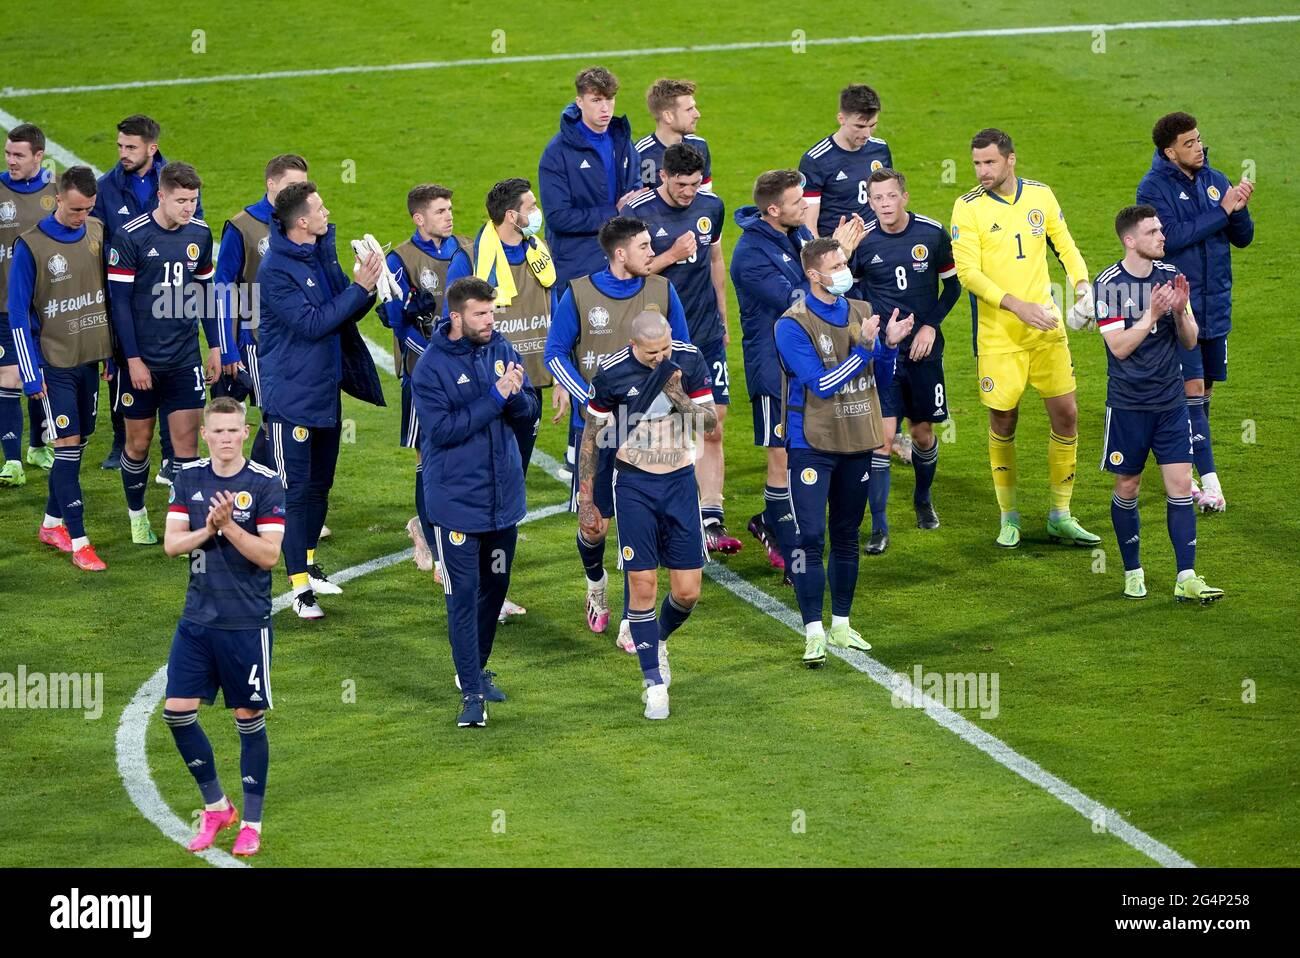 Les joueurs écossais applaudissent les fans après le coup de sifflet final lors du match de l'UEFA Euro 2020 Group D à Hampden Park, Glasgow. Date de la photo: Mardi 22 juin 2021. Banque D'Images